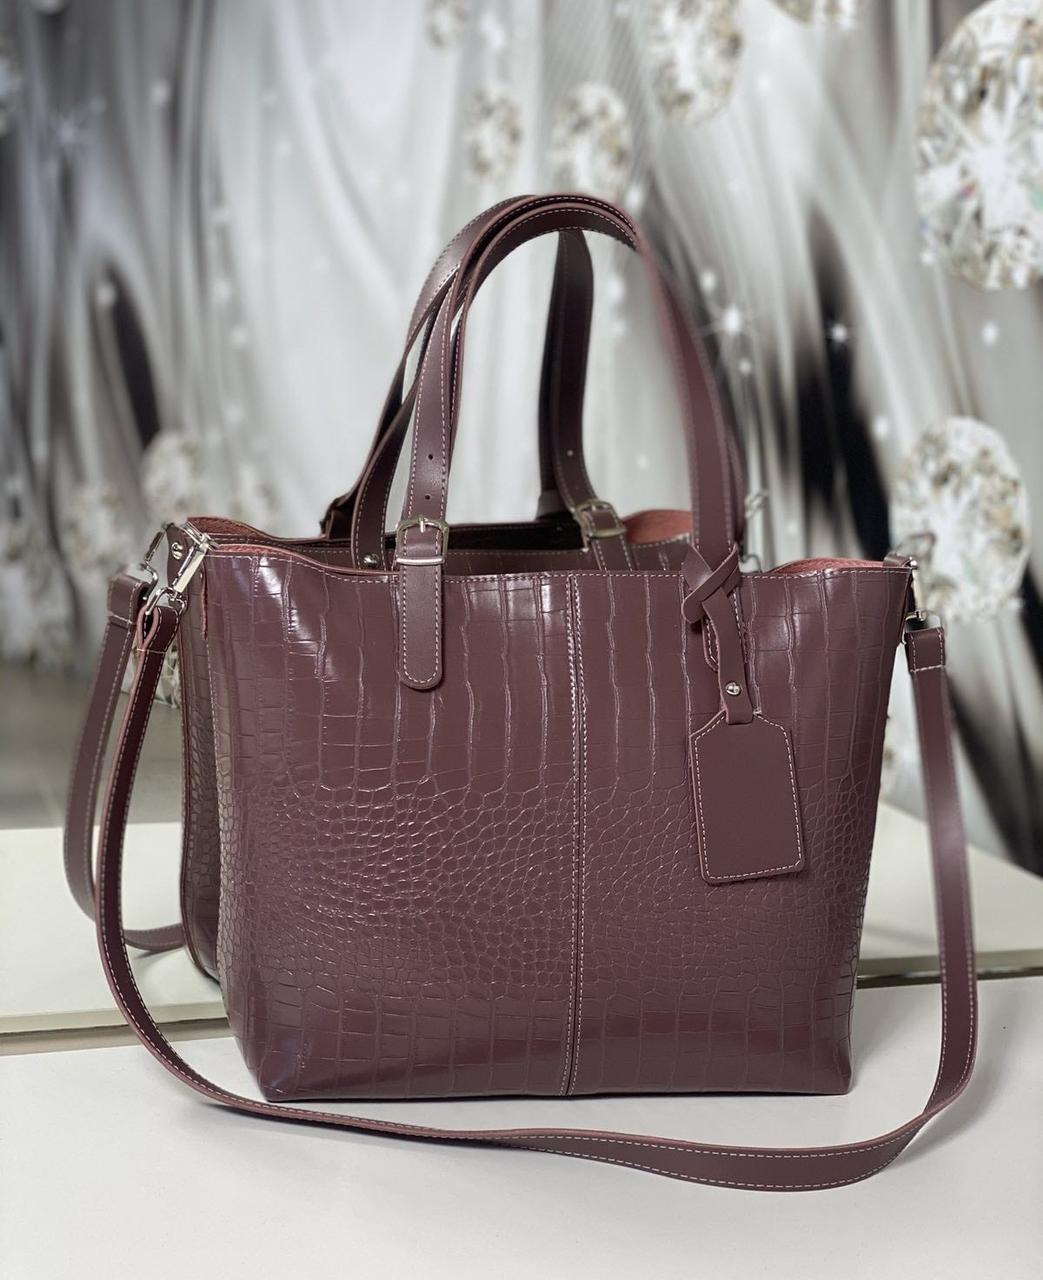 Большая женская сумка шоппер городская на плечо модная брендовая пудровая рептилия экокожа